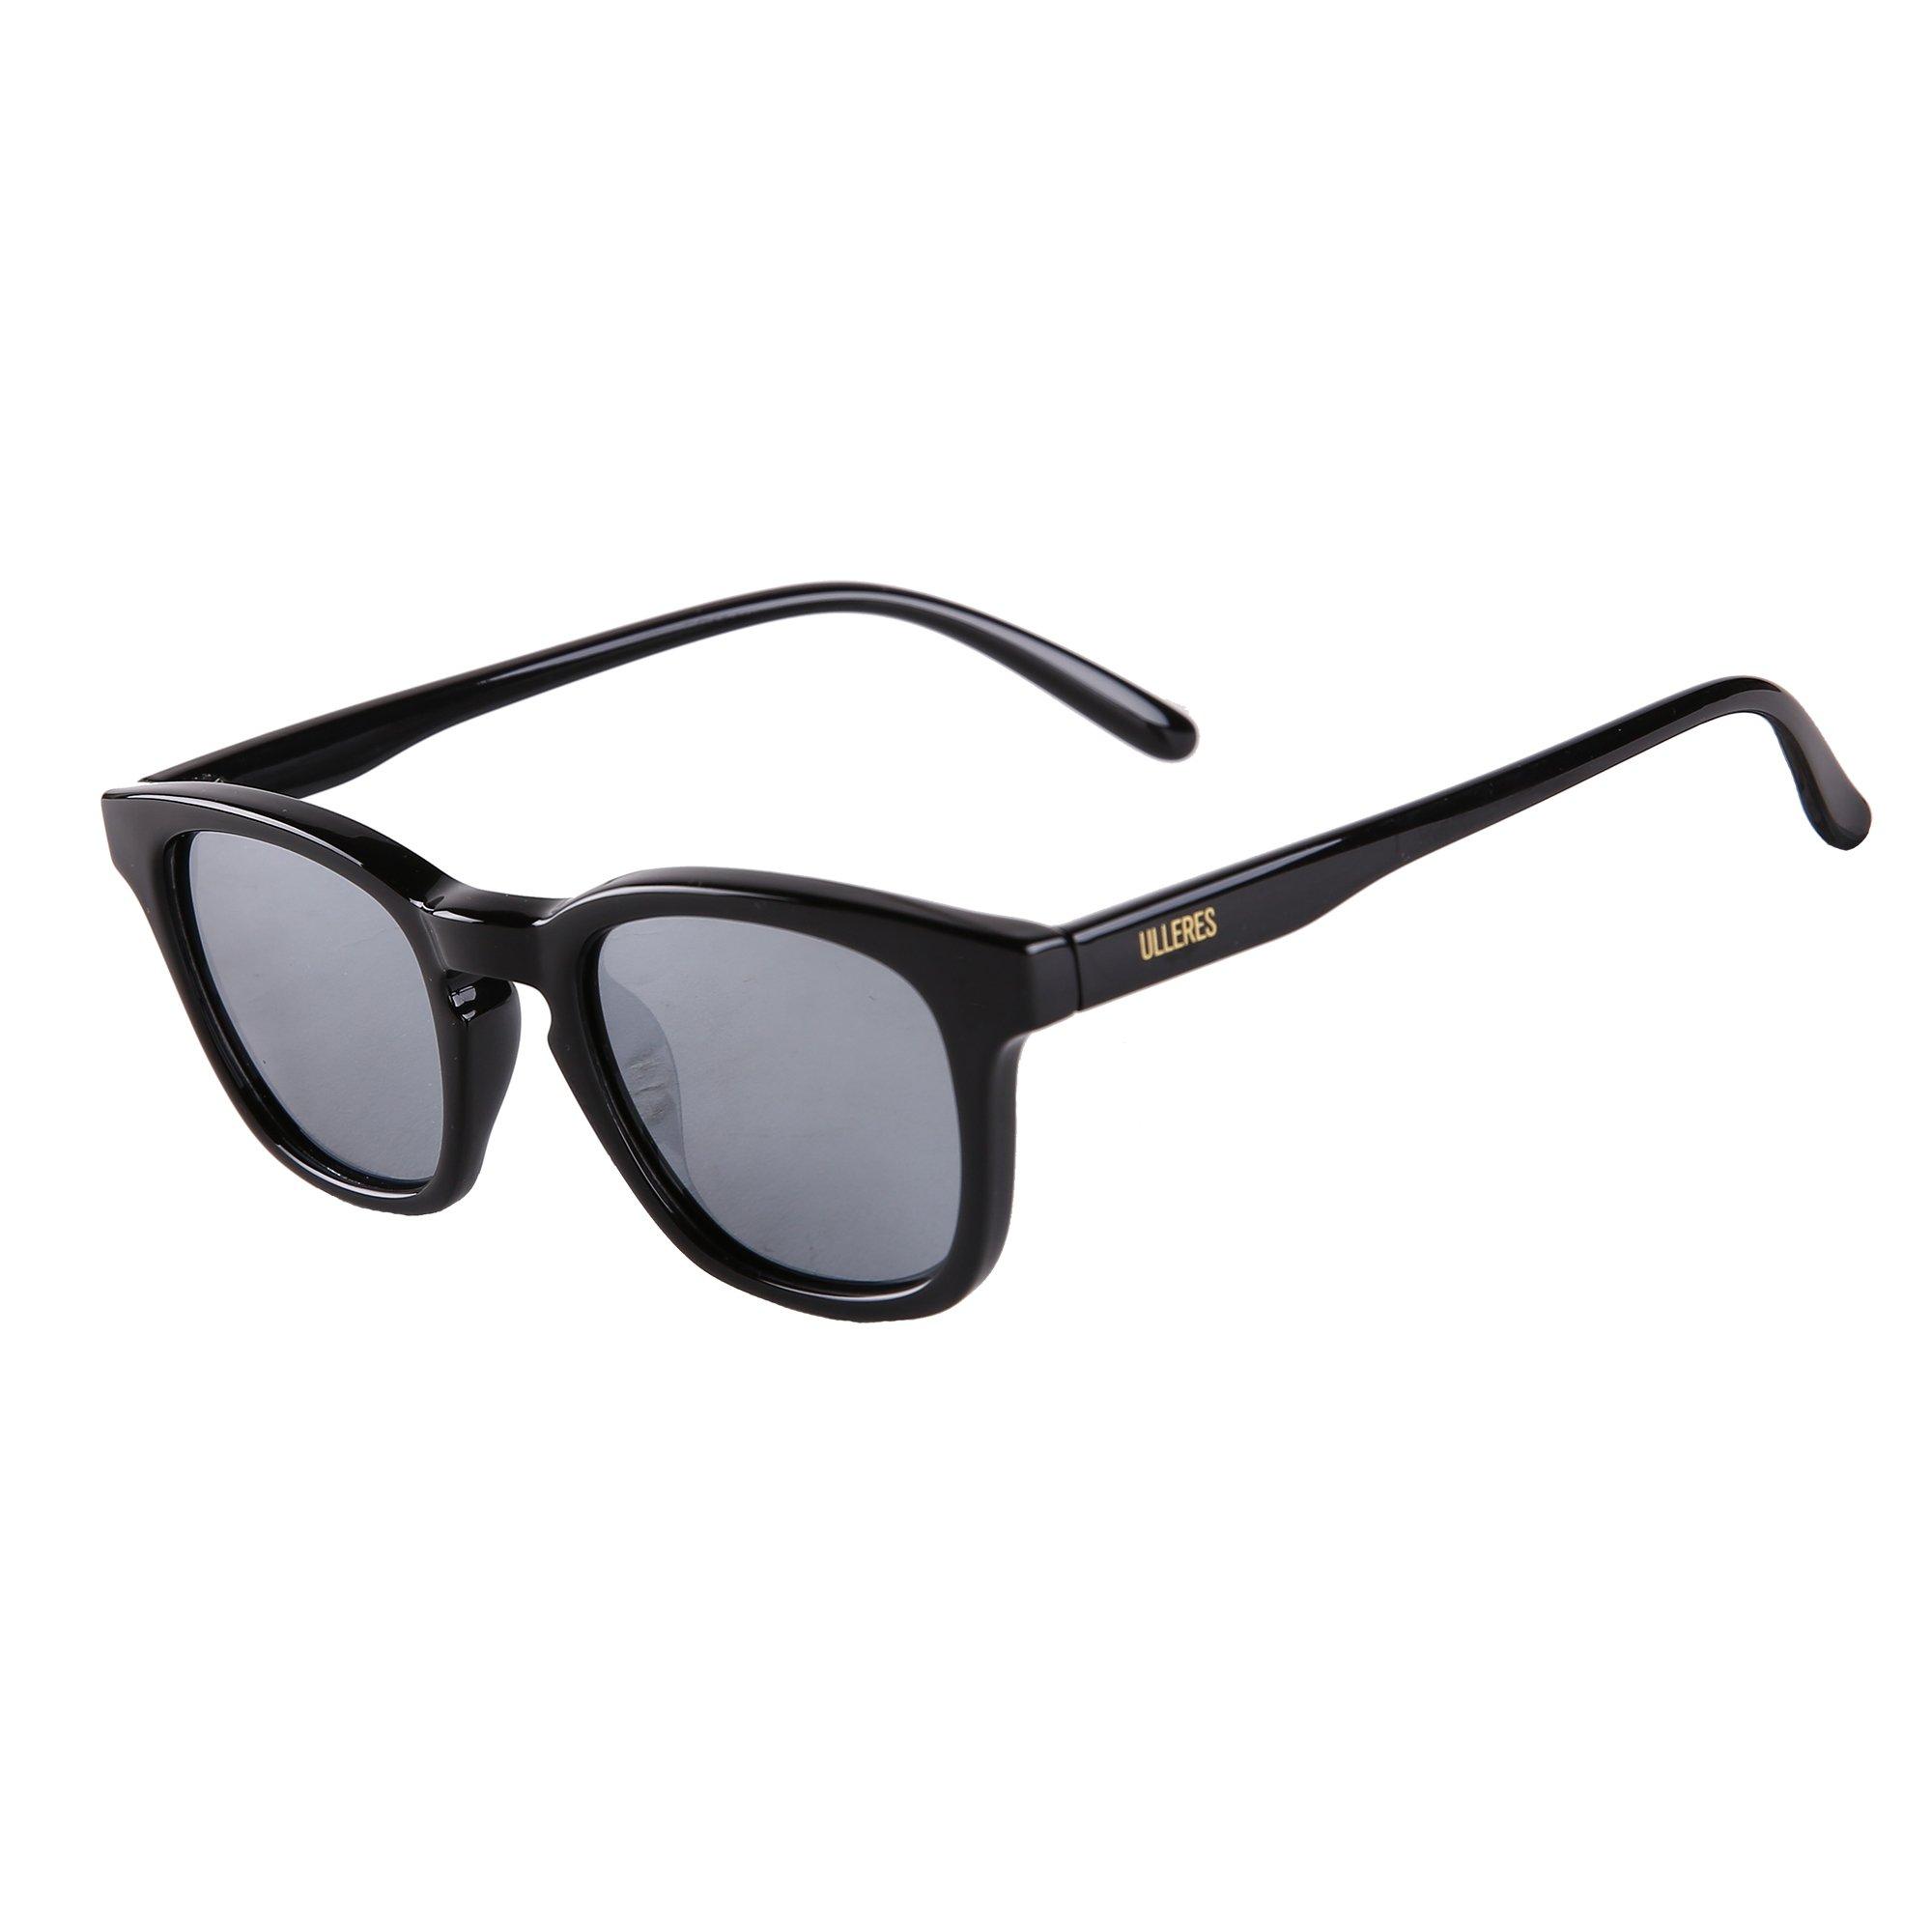 ULLERES Wayfarer Retro 80s Polarized Sunglasses for Kids Boys and Girls(Black, 44)